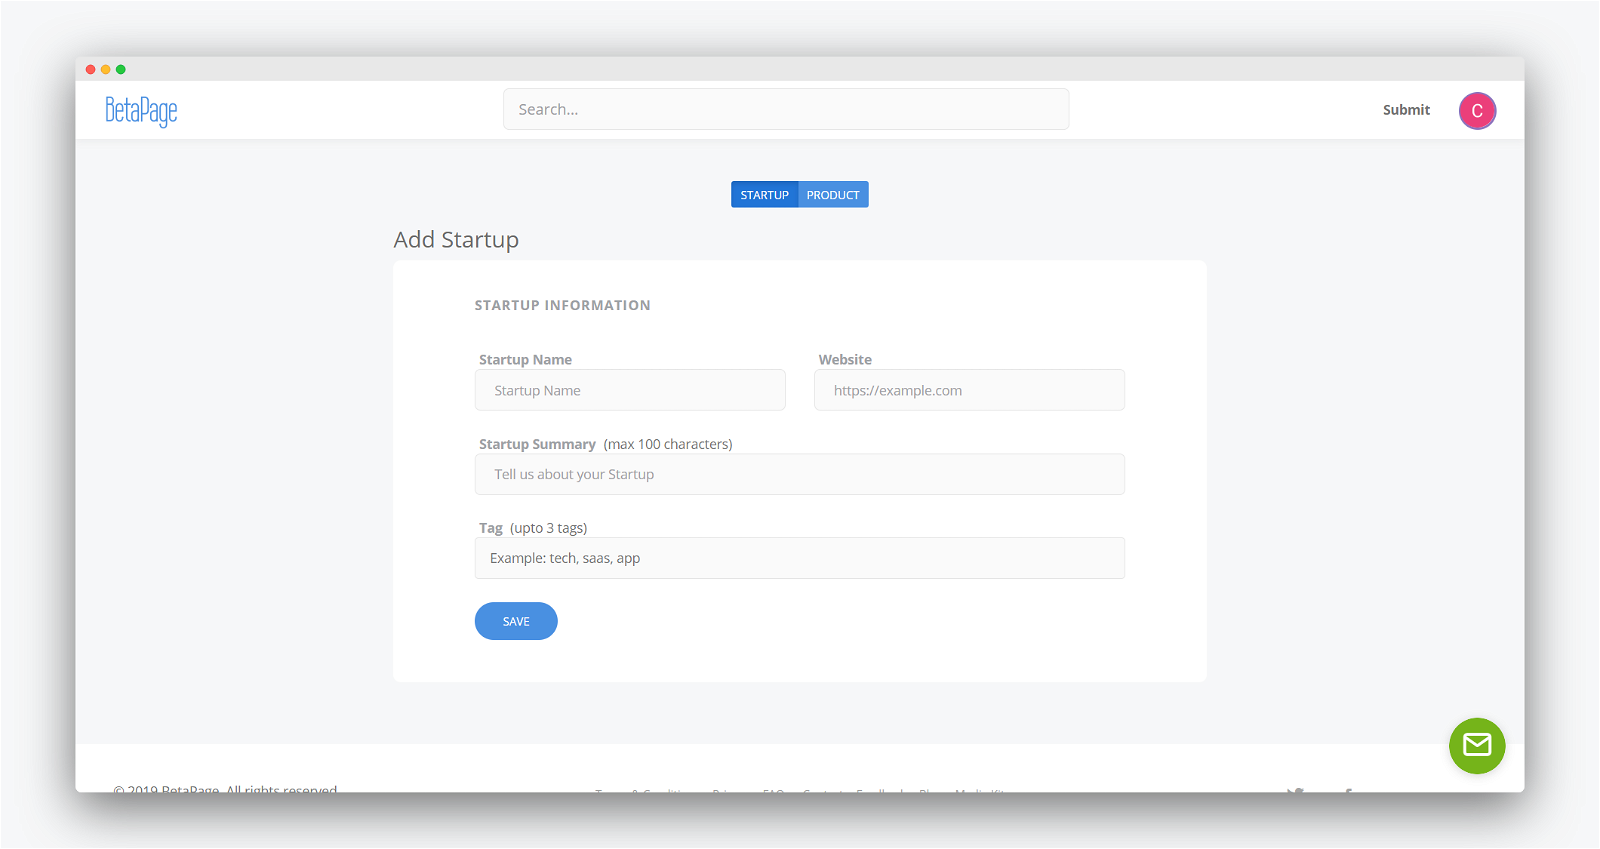 Betapage Screenshot 2